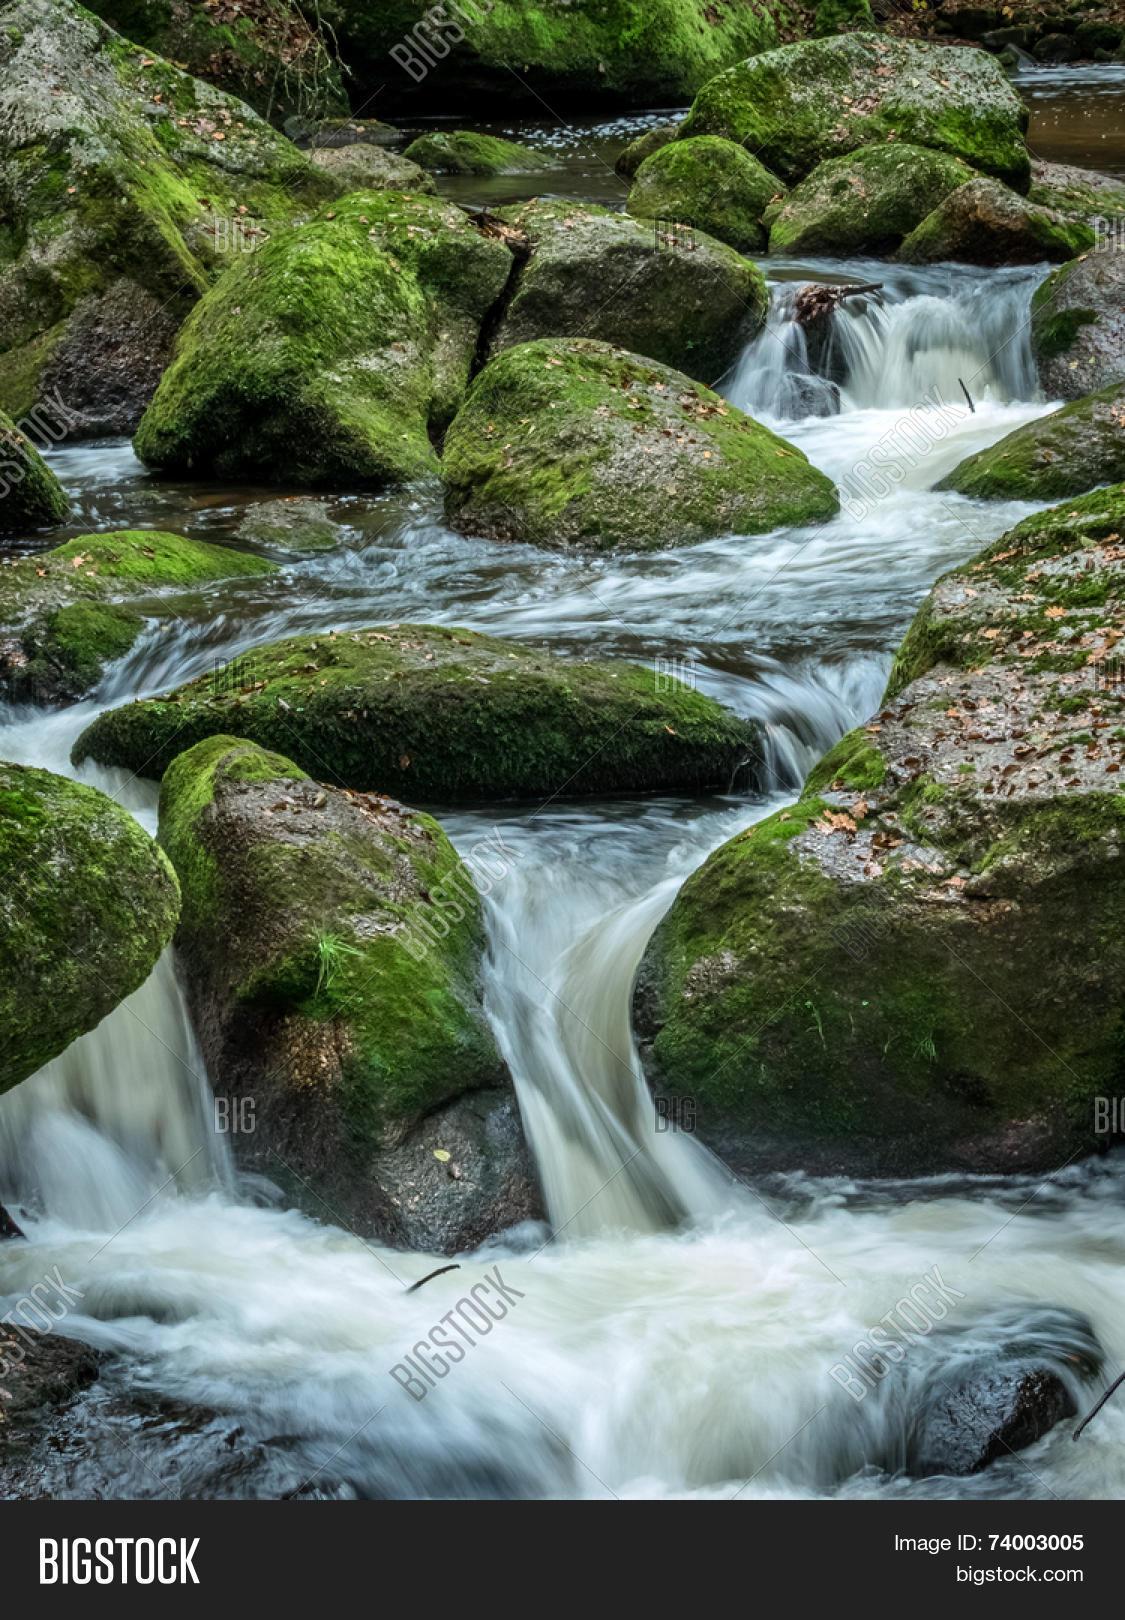 Картинки природы и воды